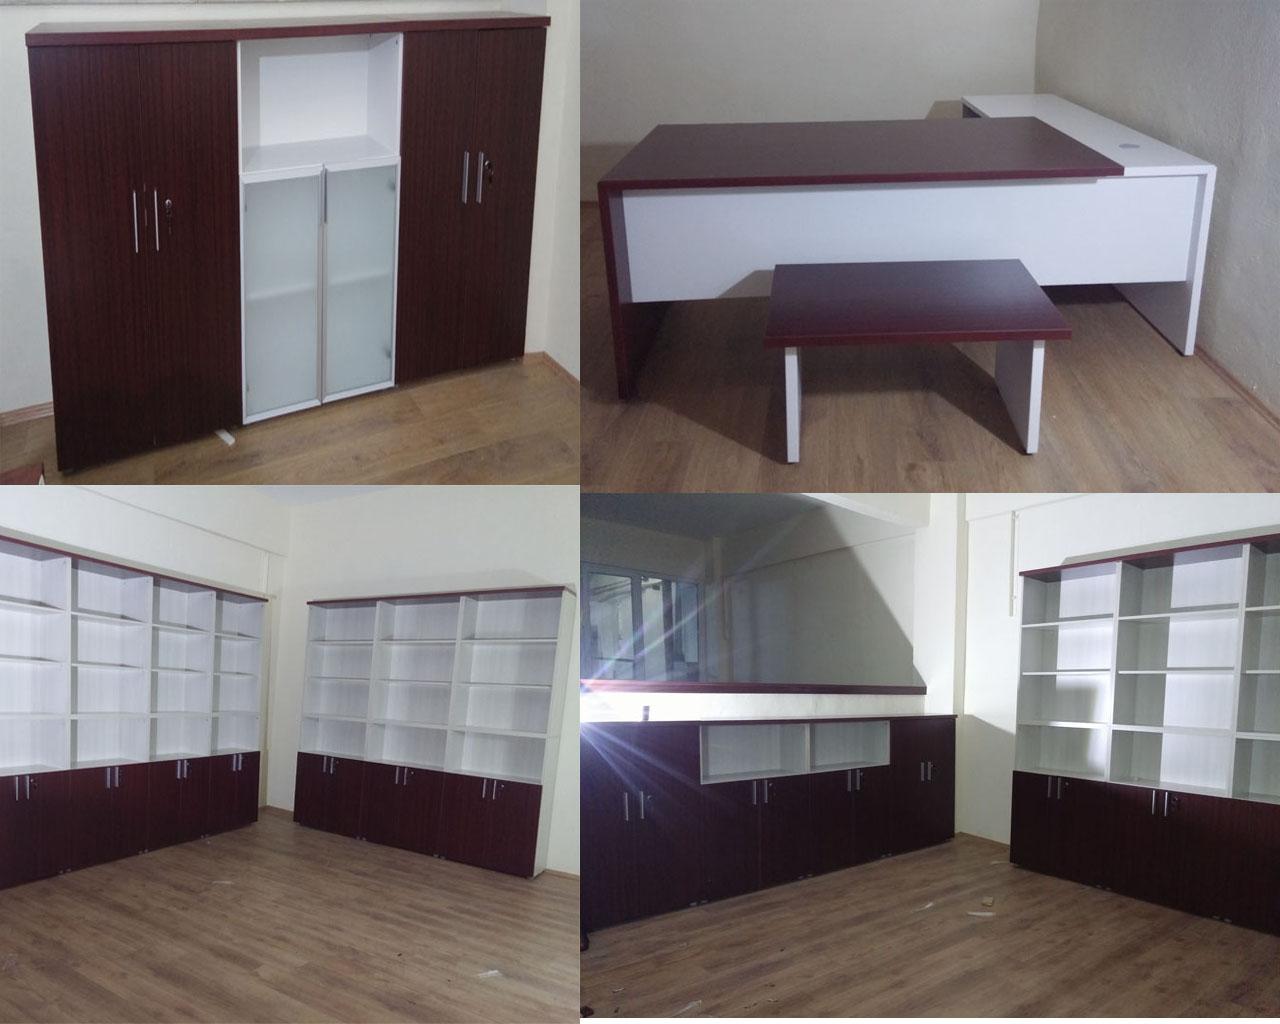 Divateks Mobilyaları